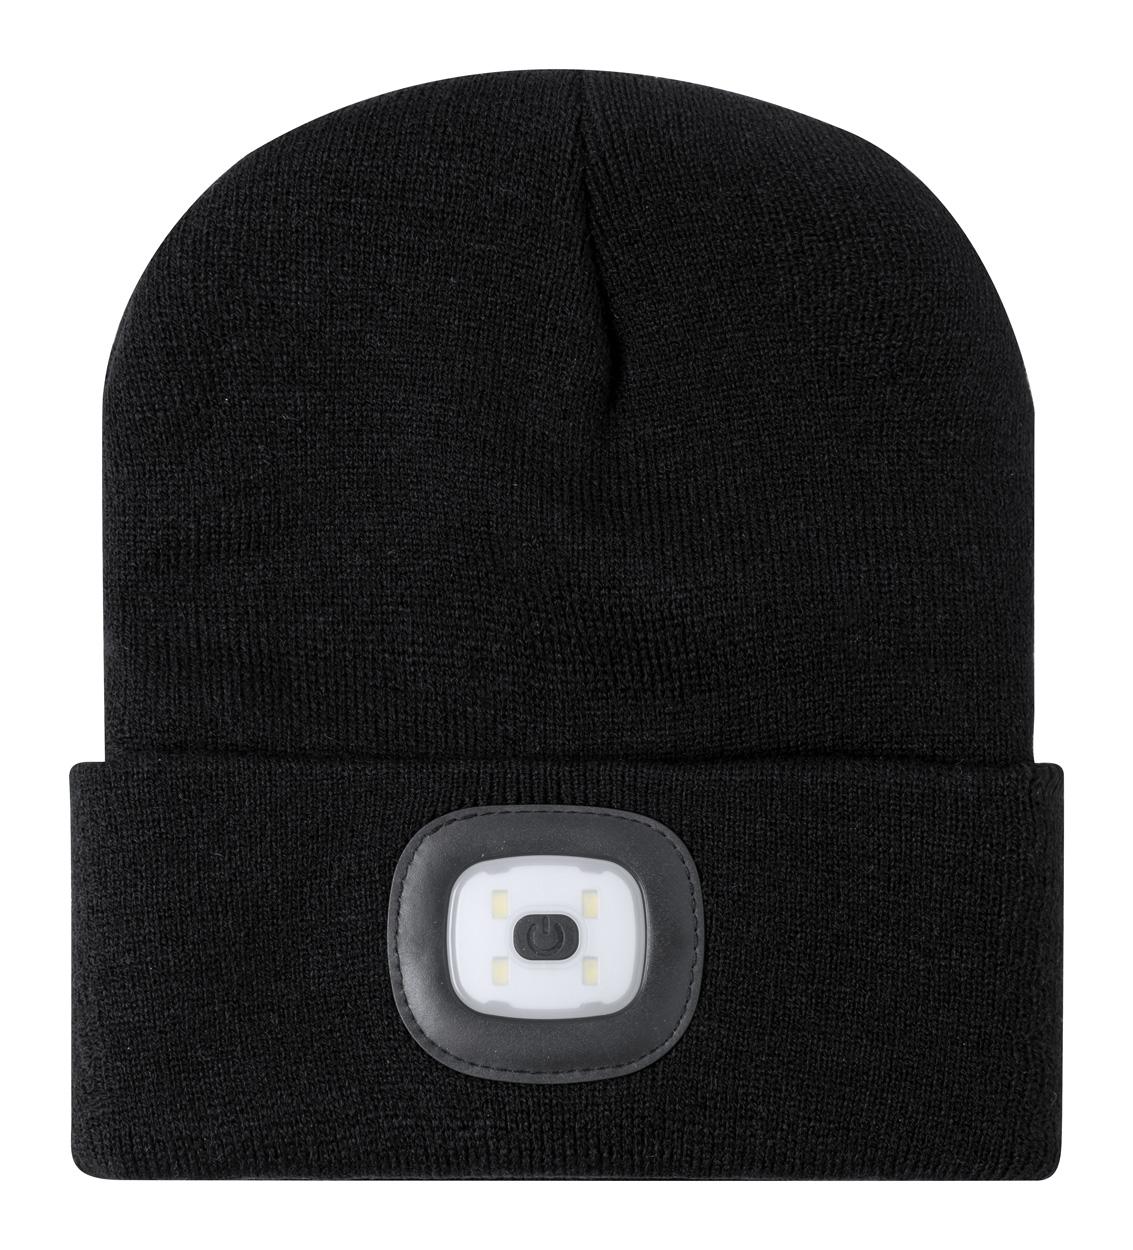 Koppy winter hat